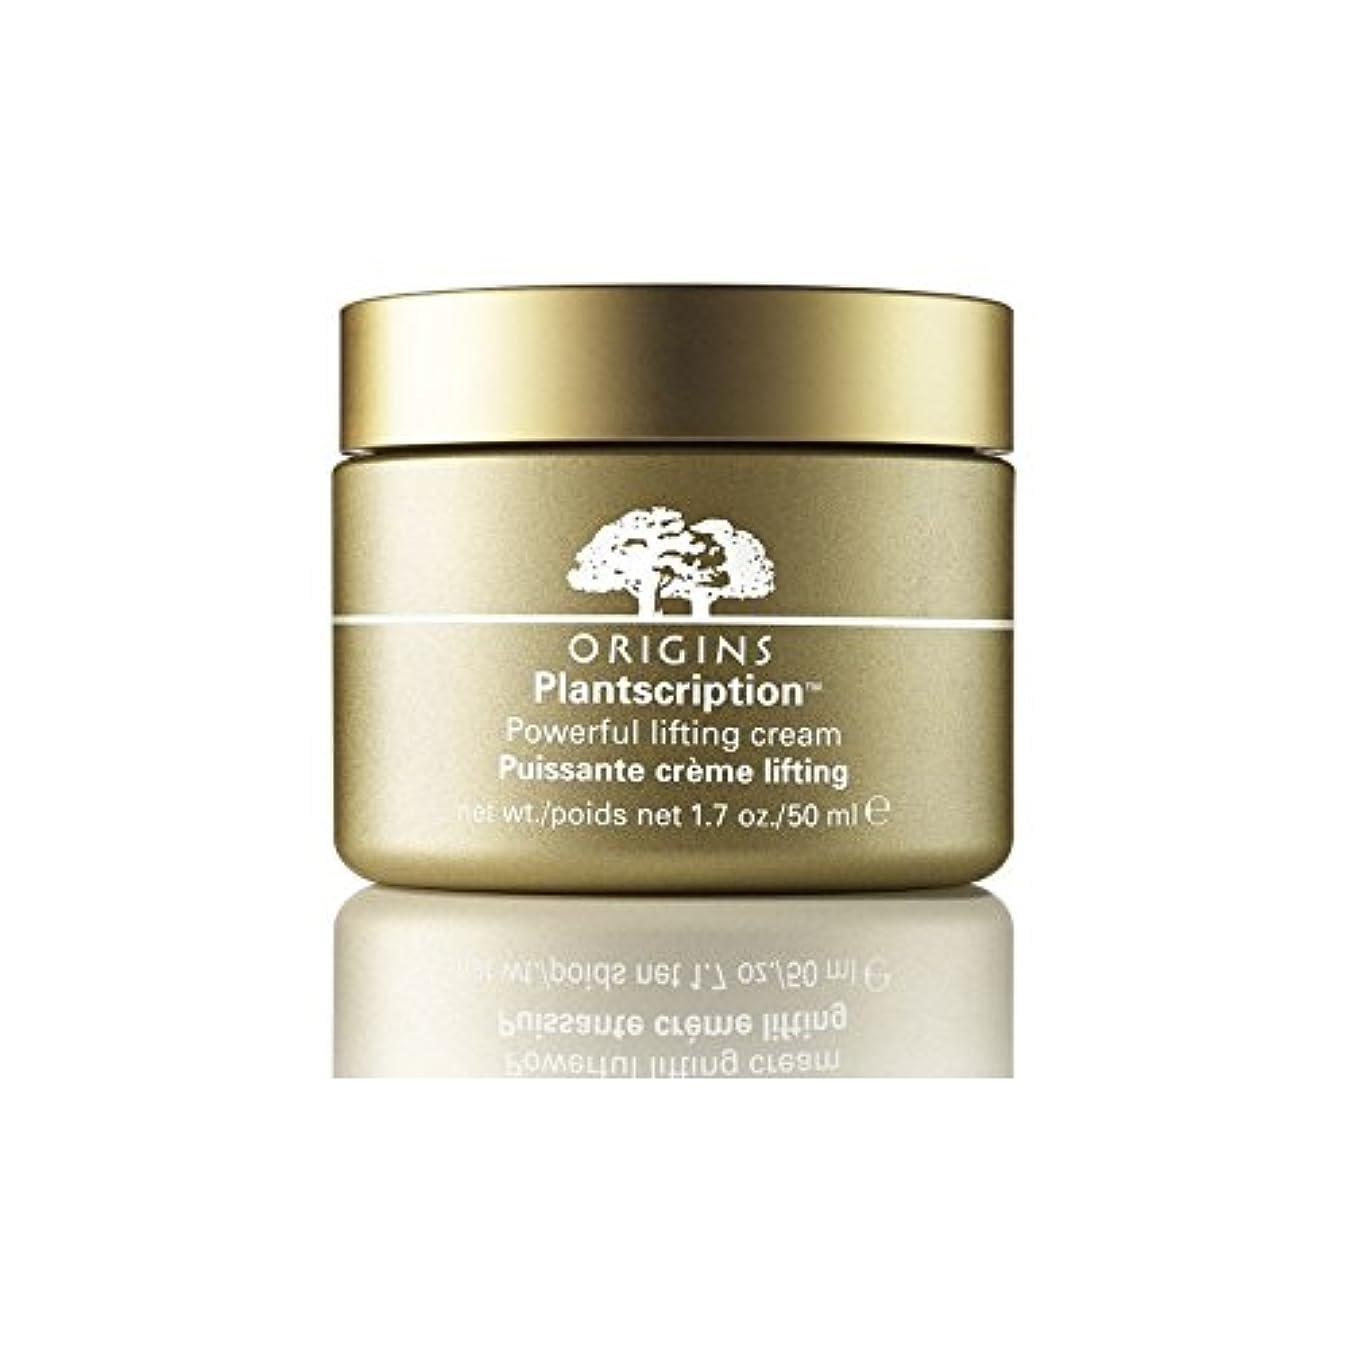 発疹無声で訪問Origins Plantscription Powerful Lifting Cream 50ml - 起源強力なリフティングクリーム50 [並行輸入品]